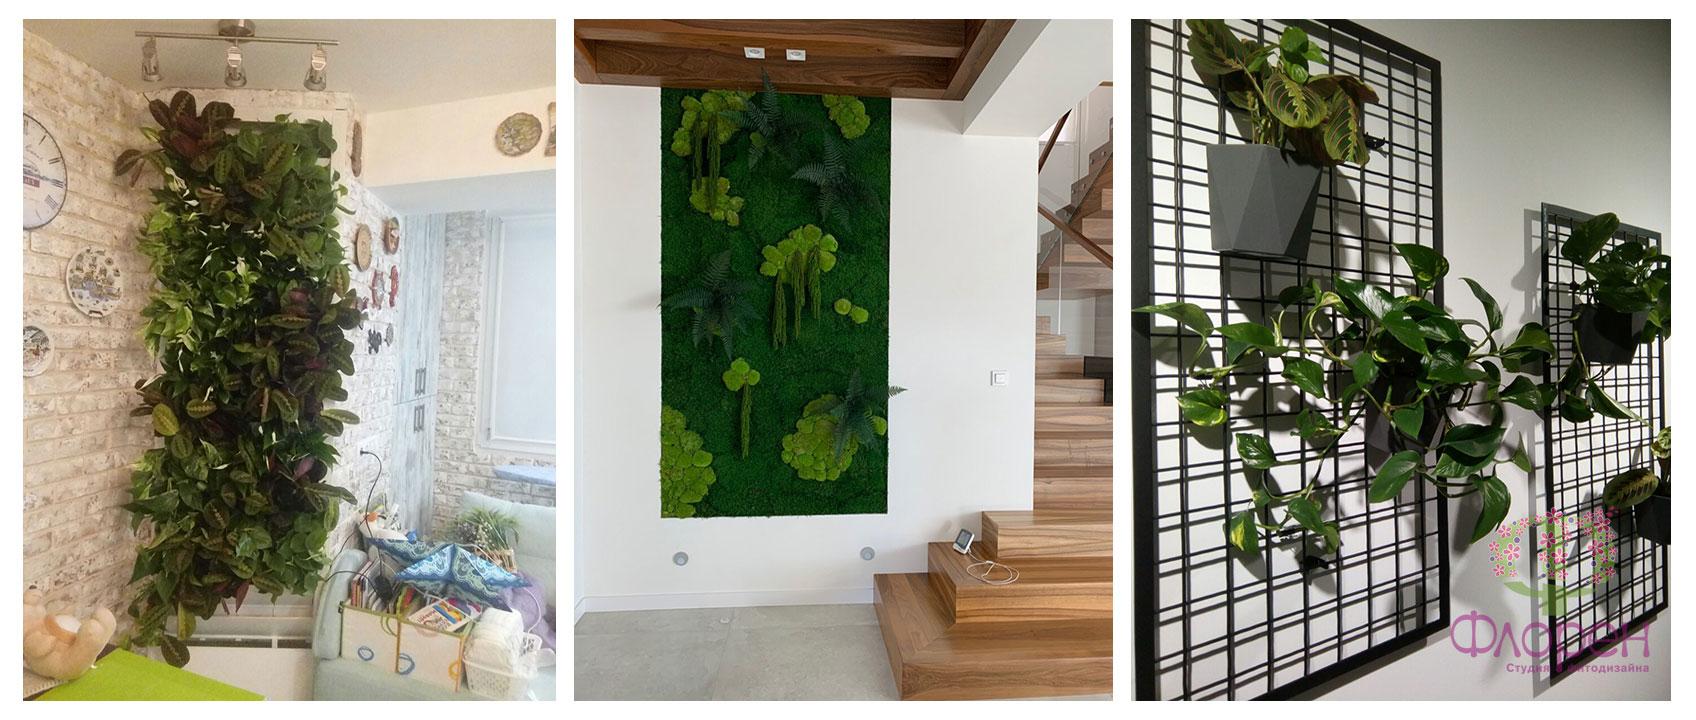 Особливості вертикального озеленення офісу. Фото 2